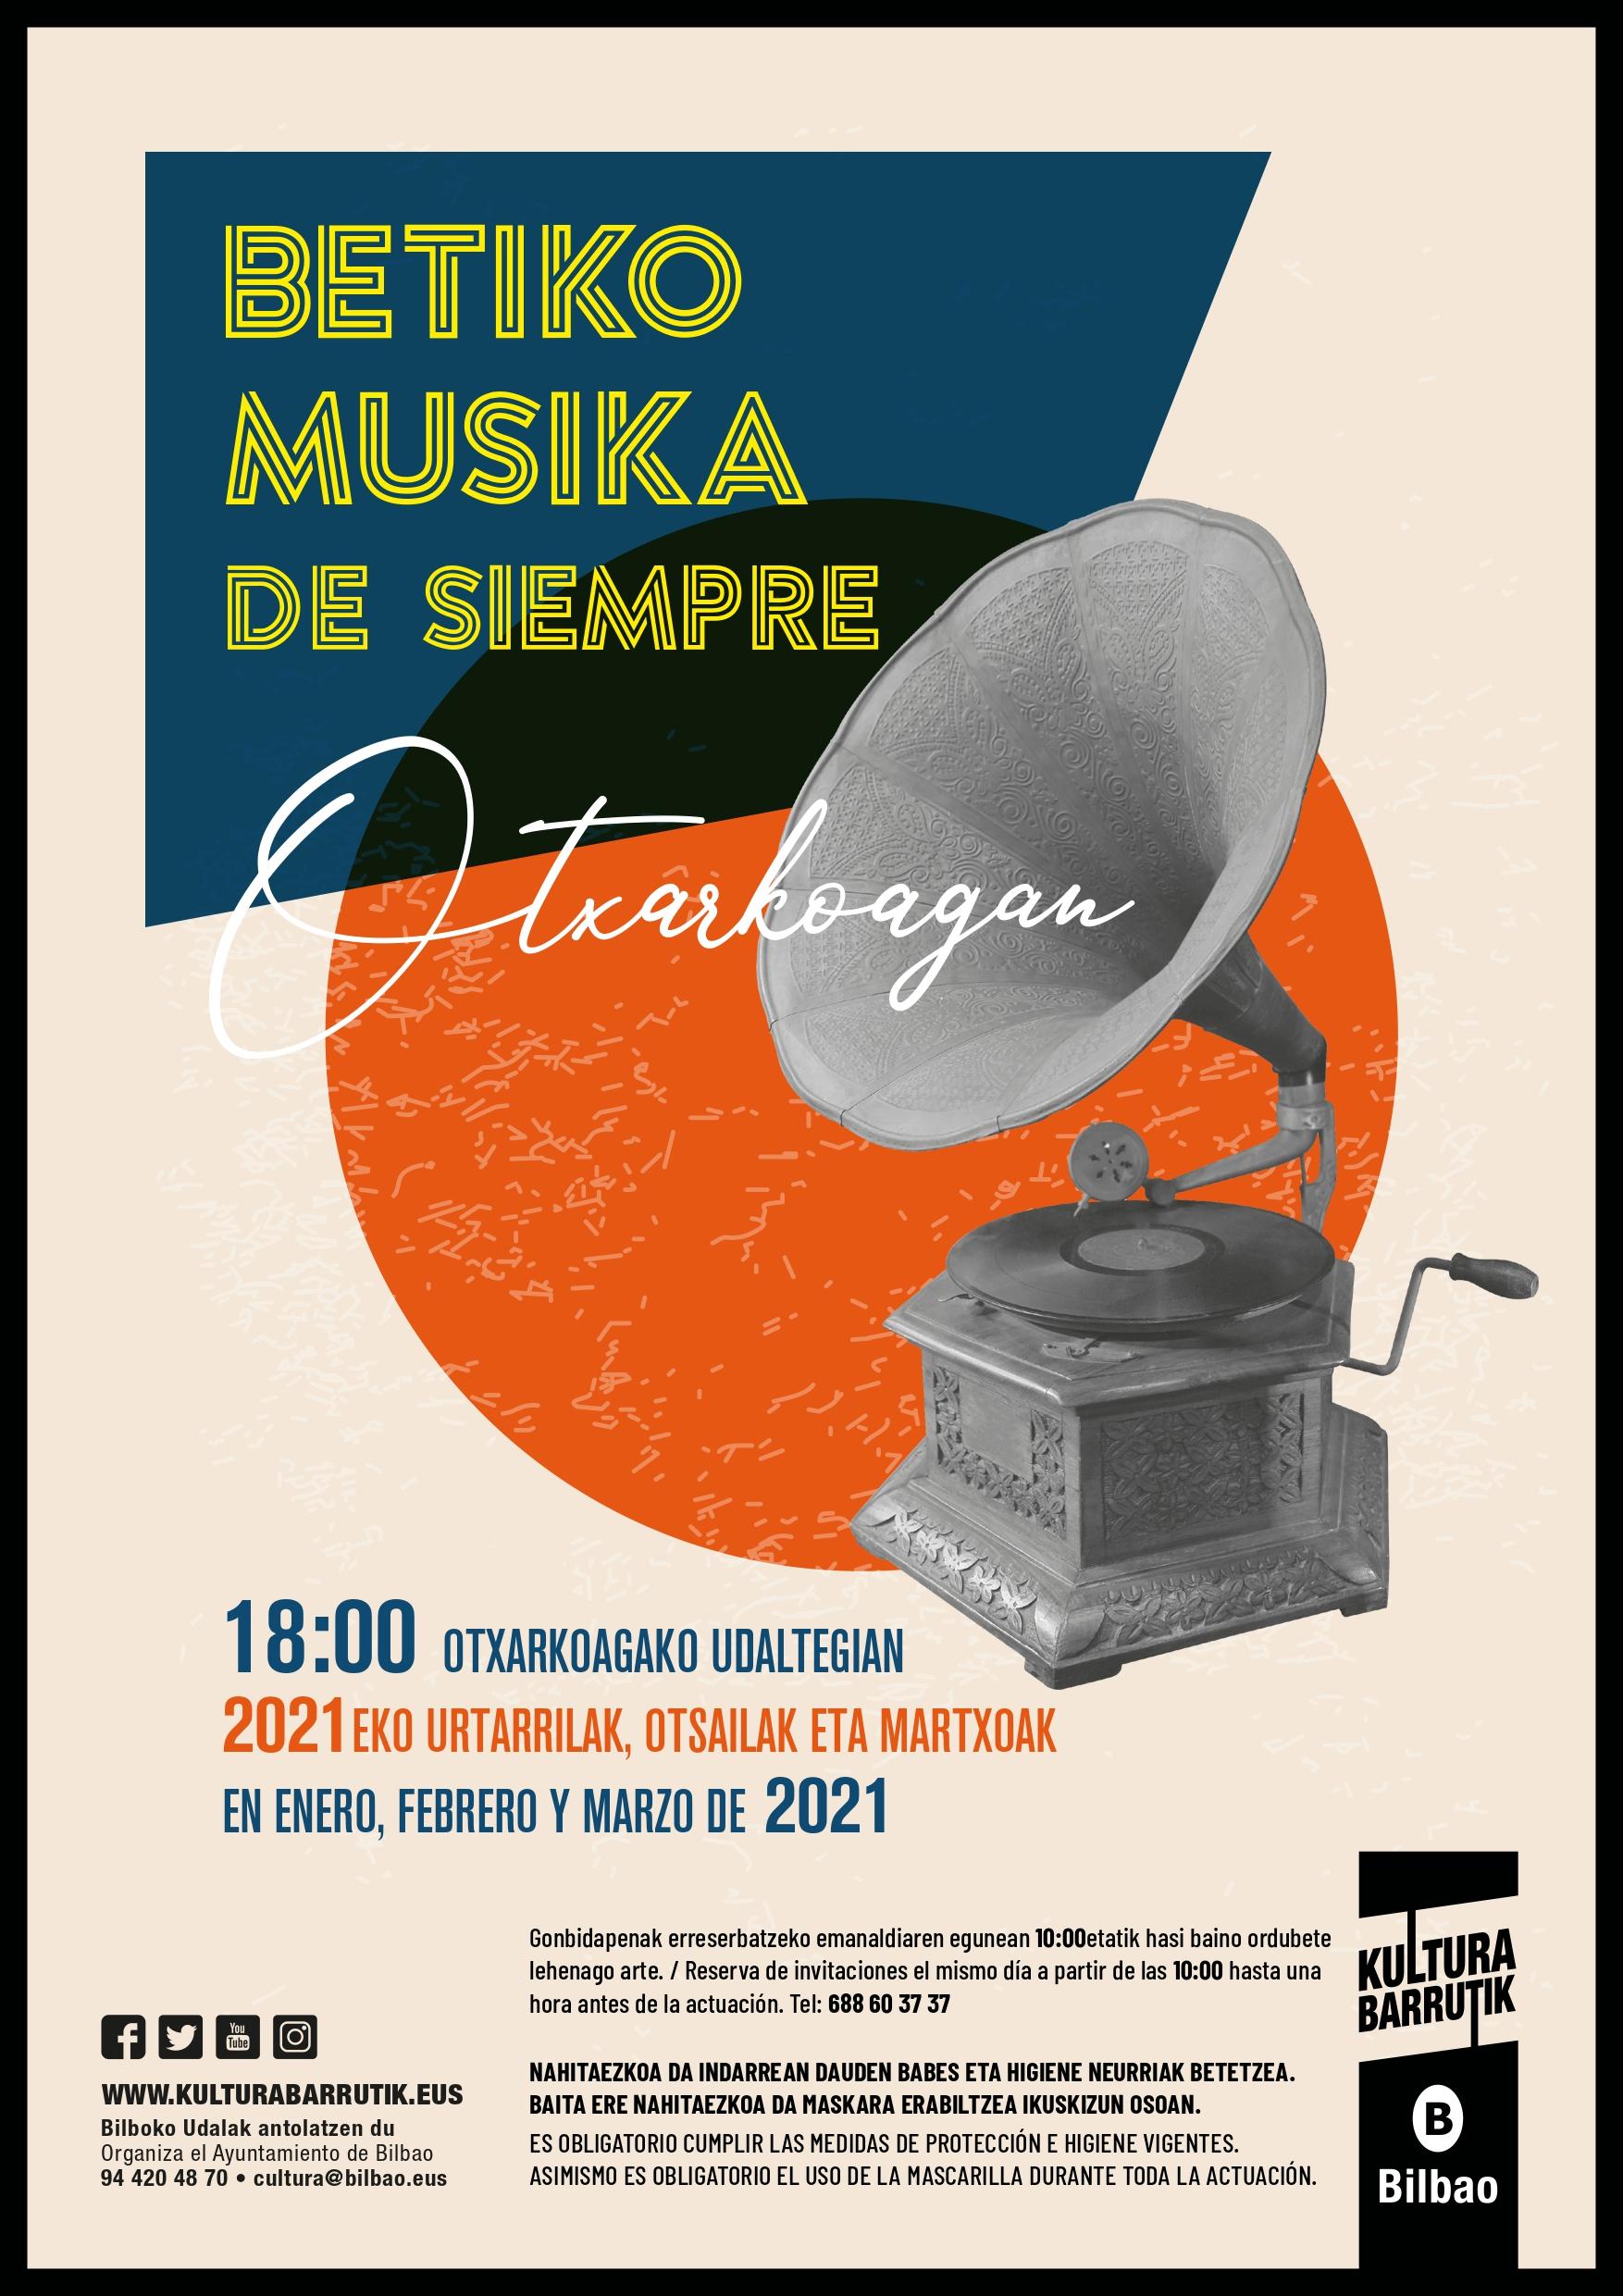 Bilbao.eus, InfoBilbao, EL PROGRAMA 'BETIKO MUSIKA DE SIEMPRE' DEL AYUNTAMIENTO DE BILBAO OFRECERÁ SEIS ACTUACIONES DE MUSICALES EN OTXARKOAGA DEL 16 DE ENERO Y EL 27 DE MARZO